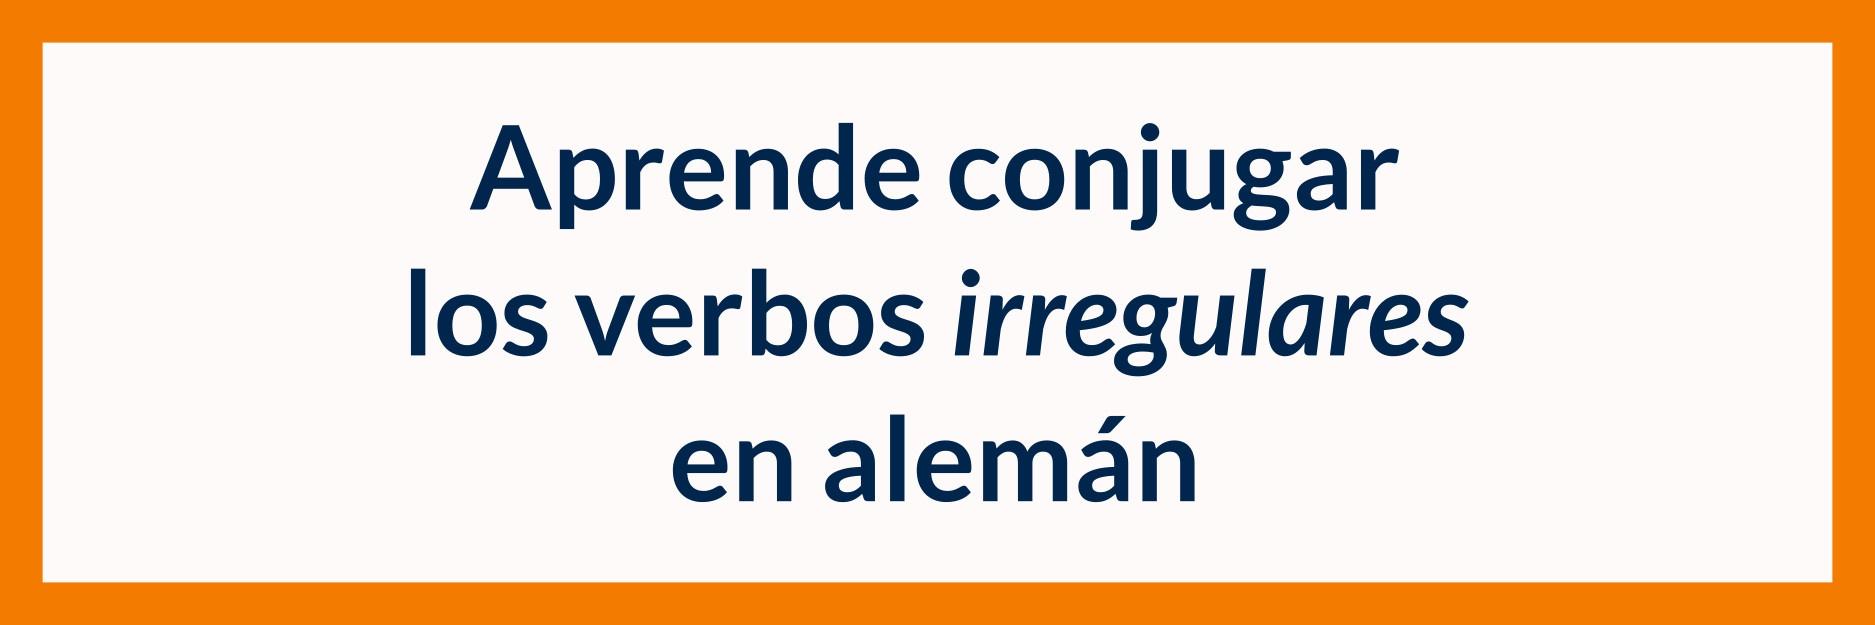 Imagen de título para aprender la conjugación de los verbos irregulares en alemán